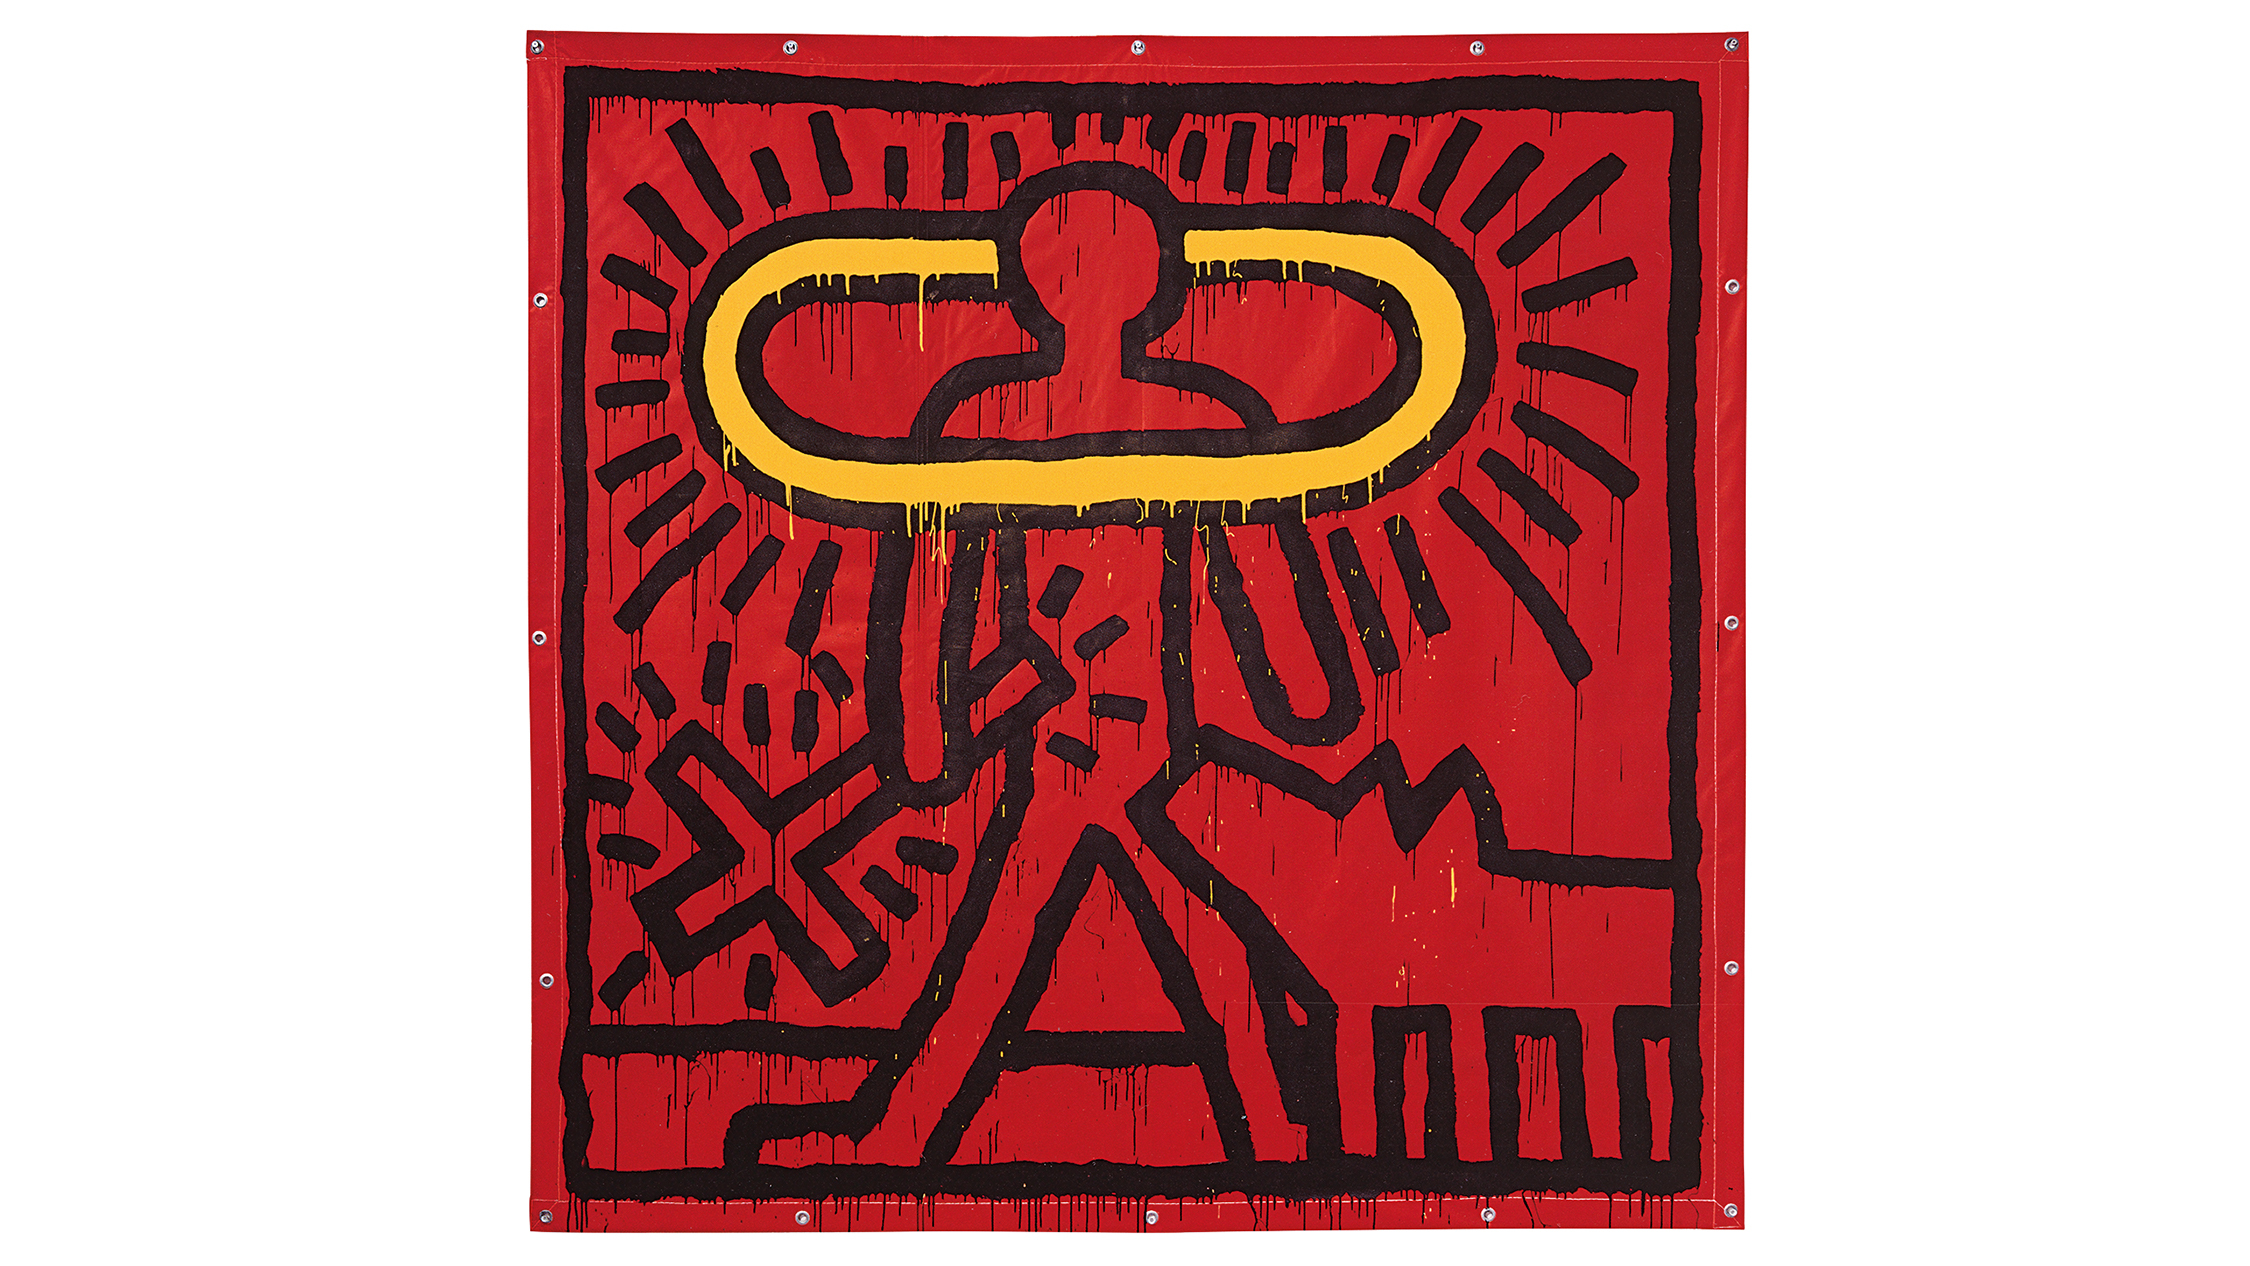 El único museo en el mundo dedicado a Keith Haring